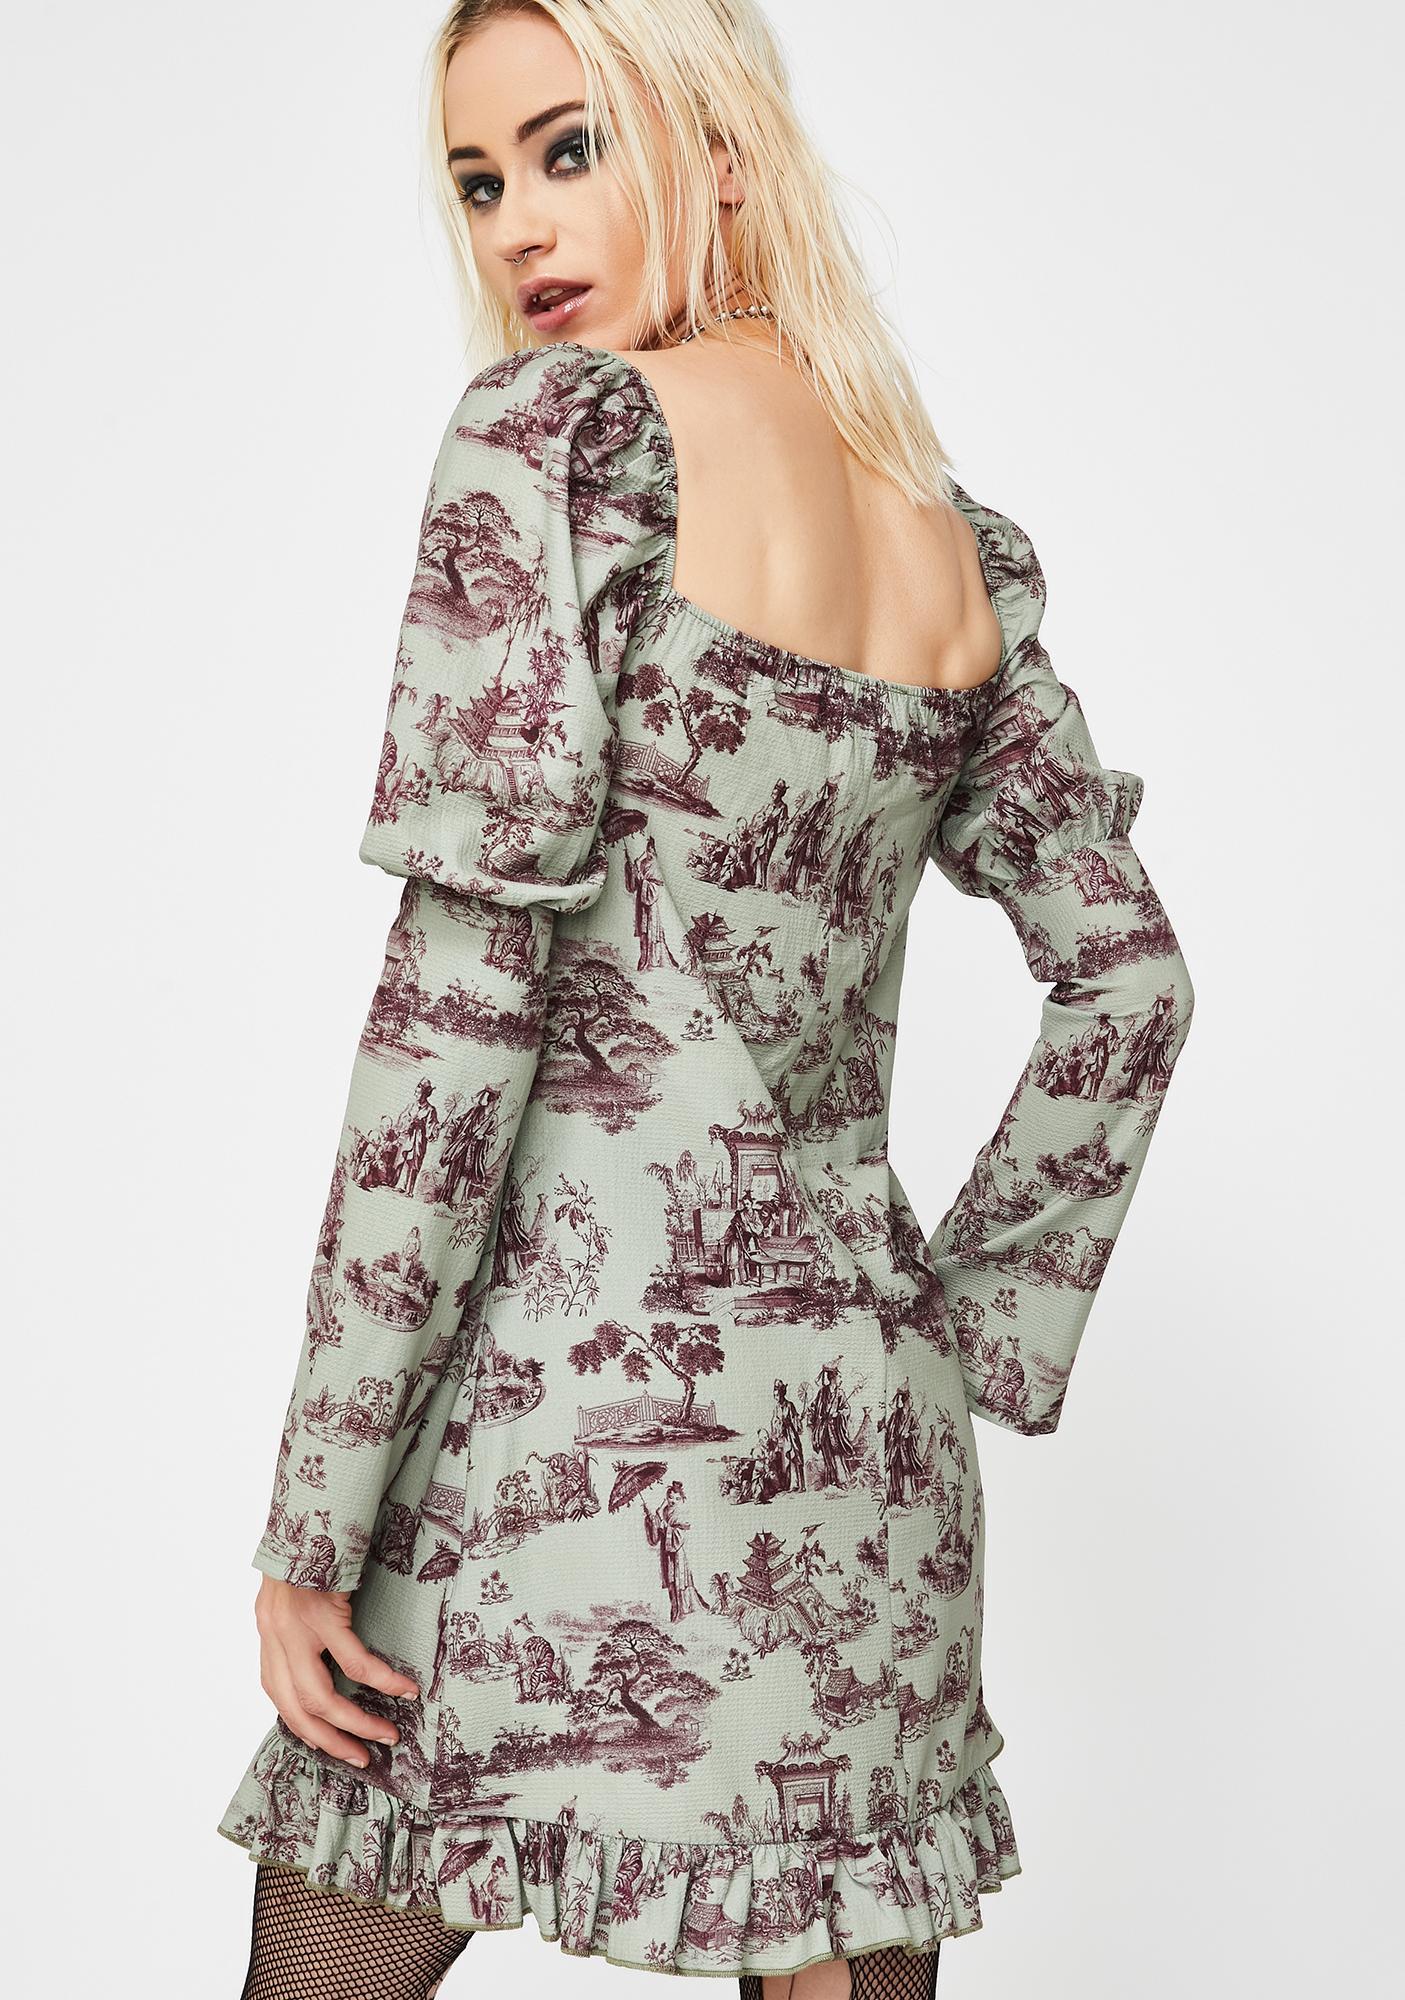 NEW GIRL ORDER Wedgewood Print Puff Sleeve Dress